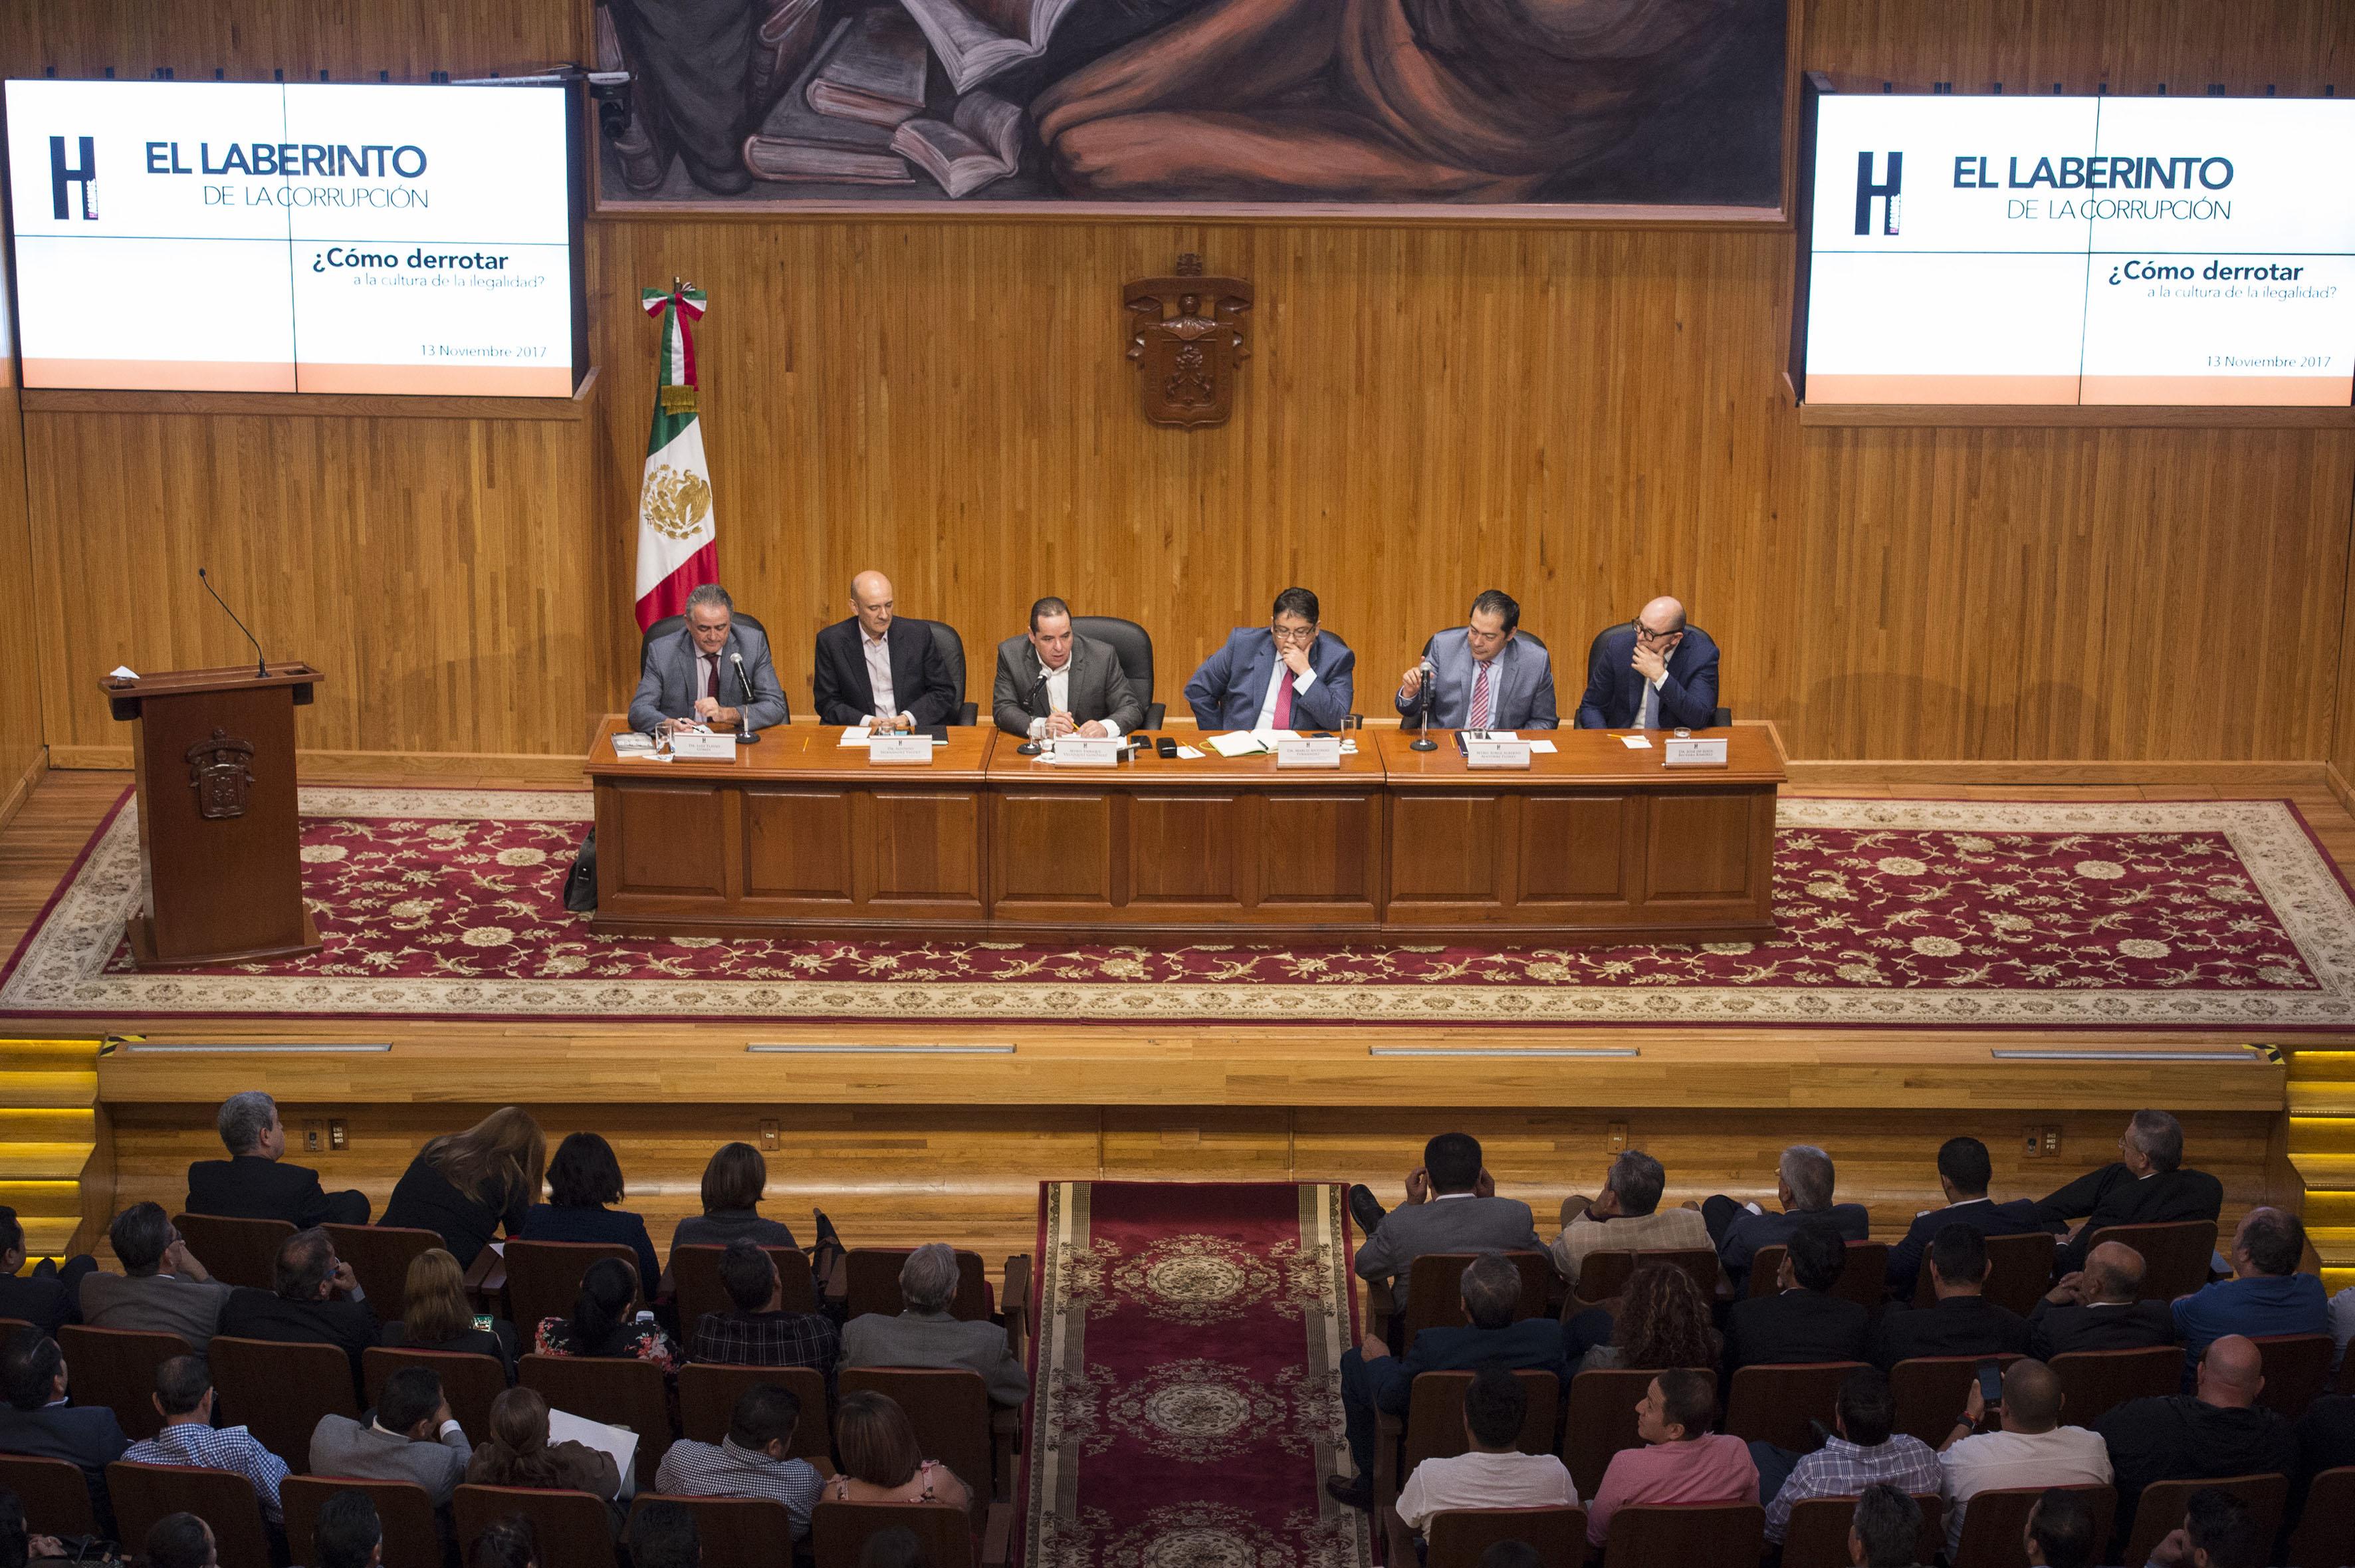 Mesa de diálogo organizada por el Sindicato de Trabajadores Académicos de la Universidad de Guadalajara (STAUdeG).